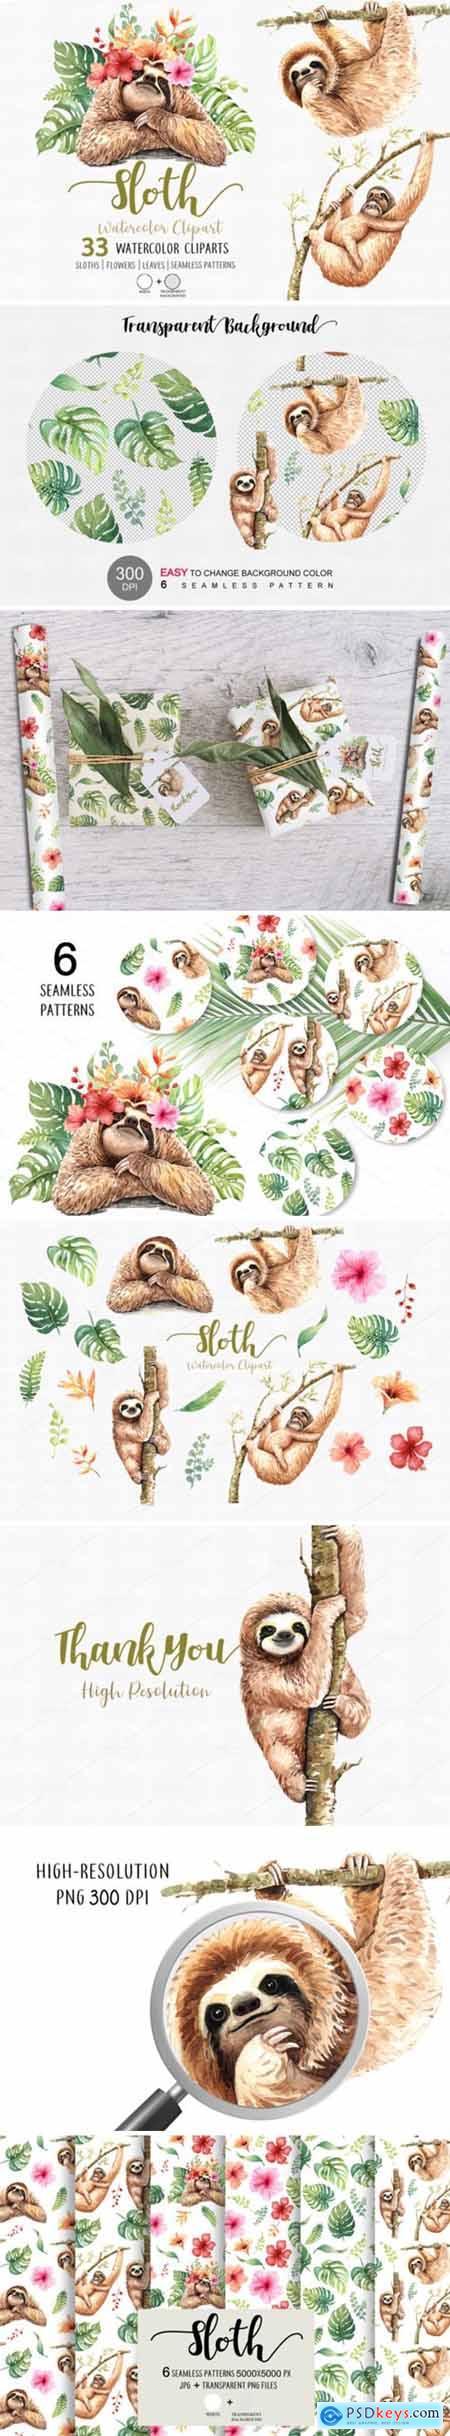 Sloth. Animals Watercolor Cliparts. 1949433